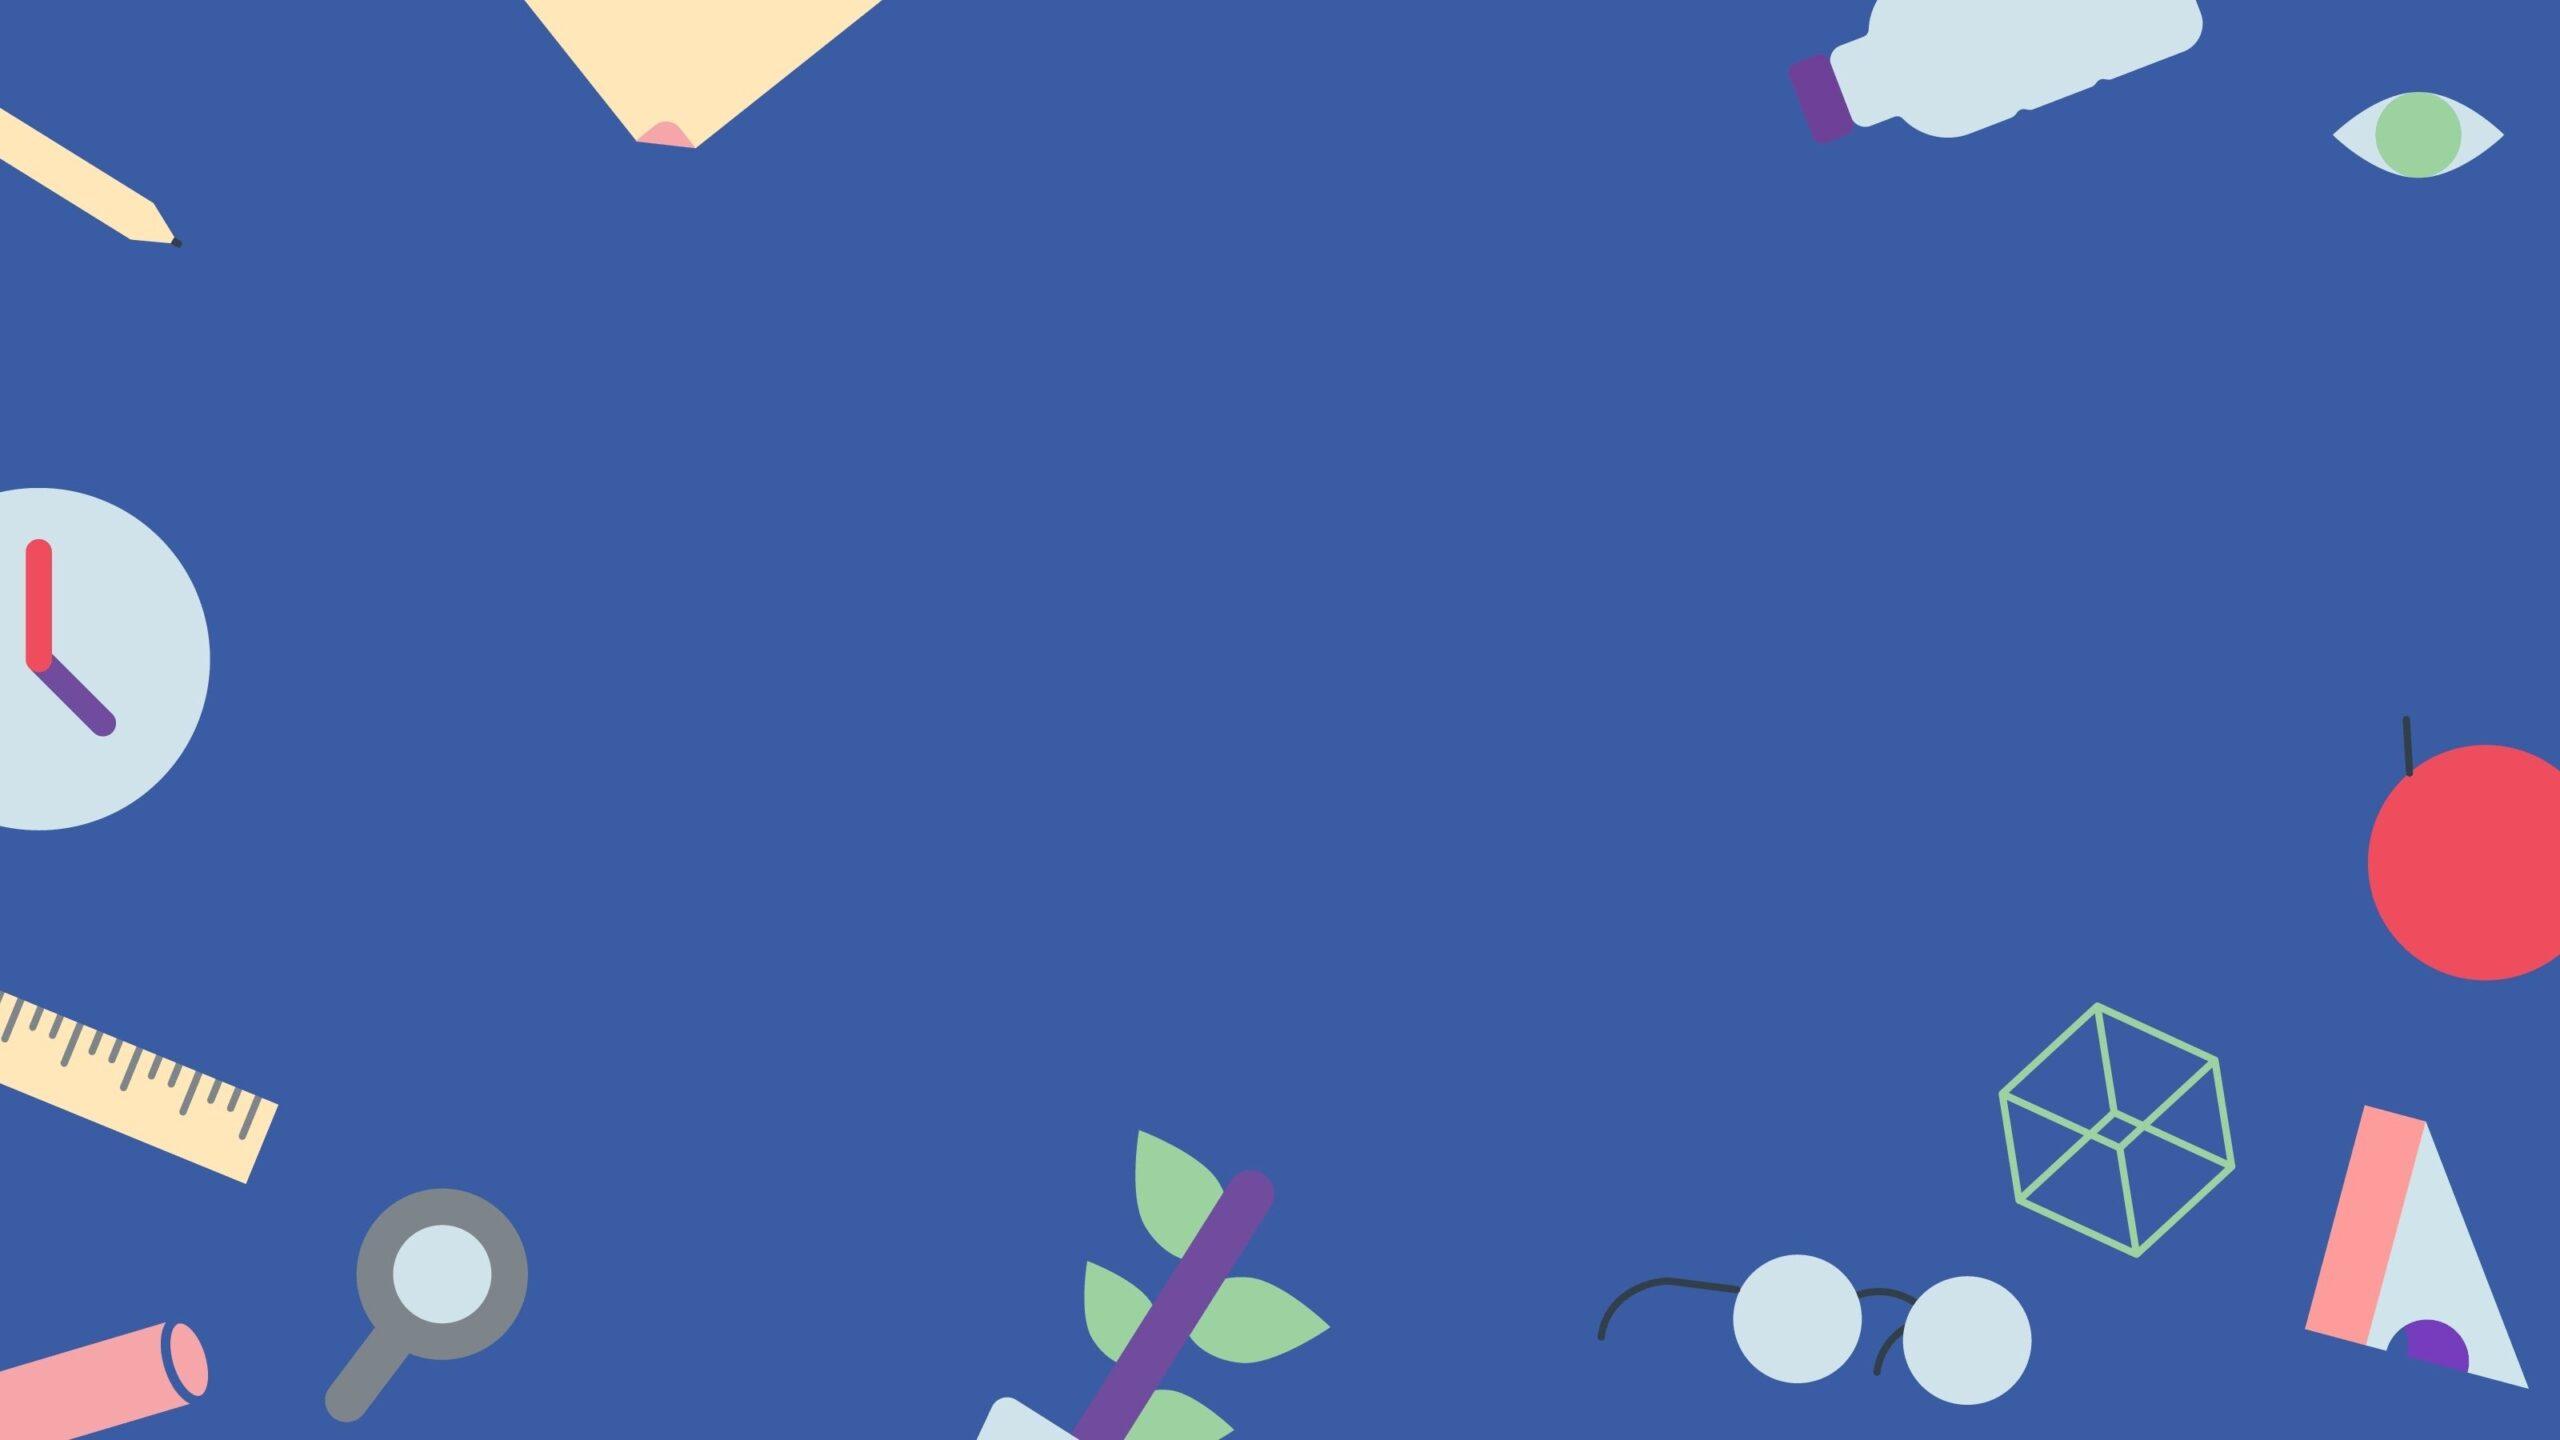 Powerpoint màu xanh dương